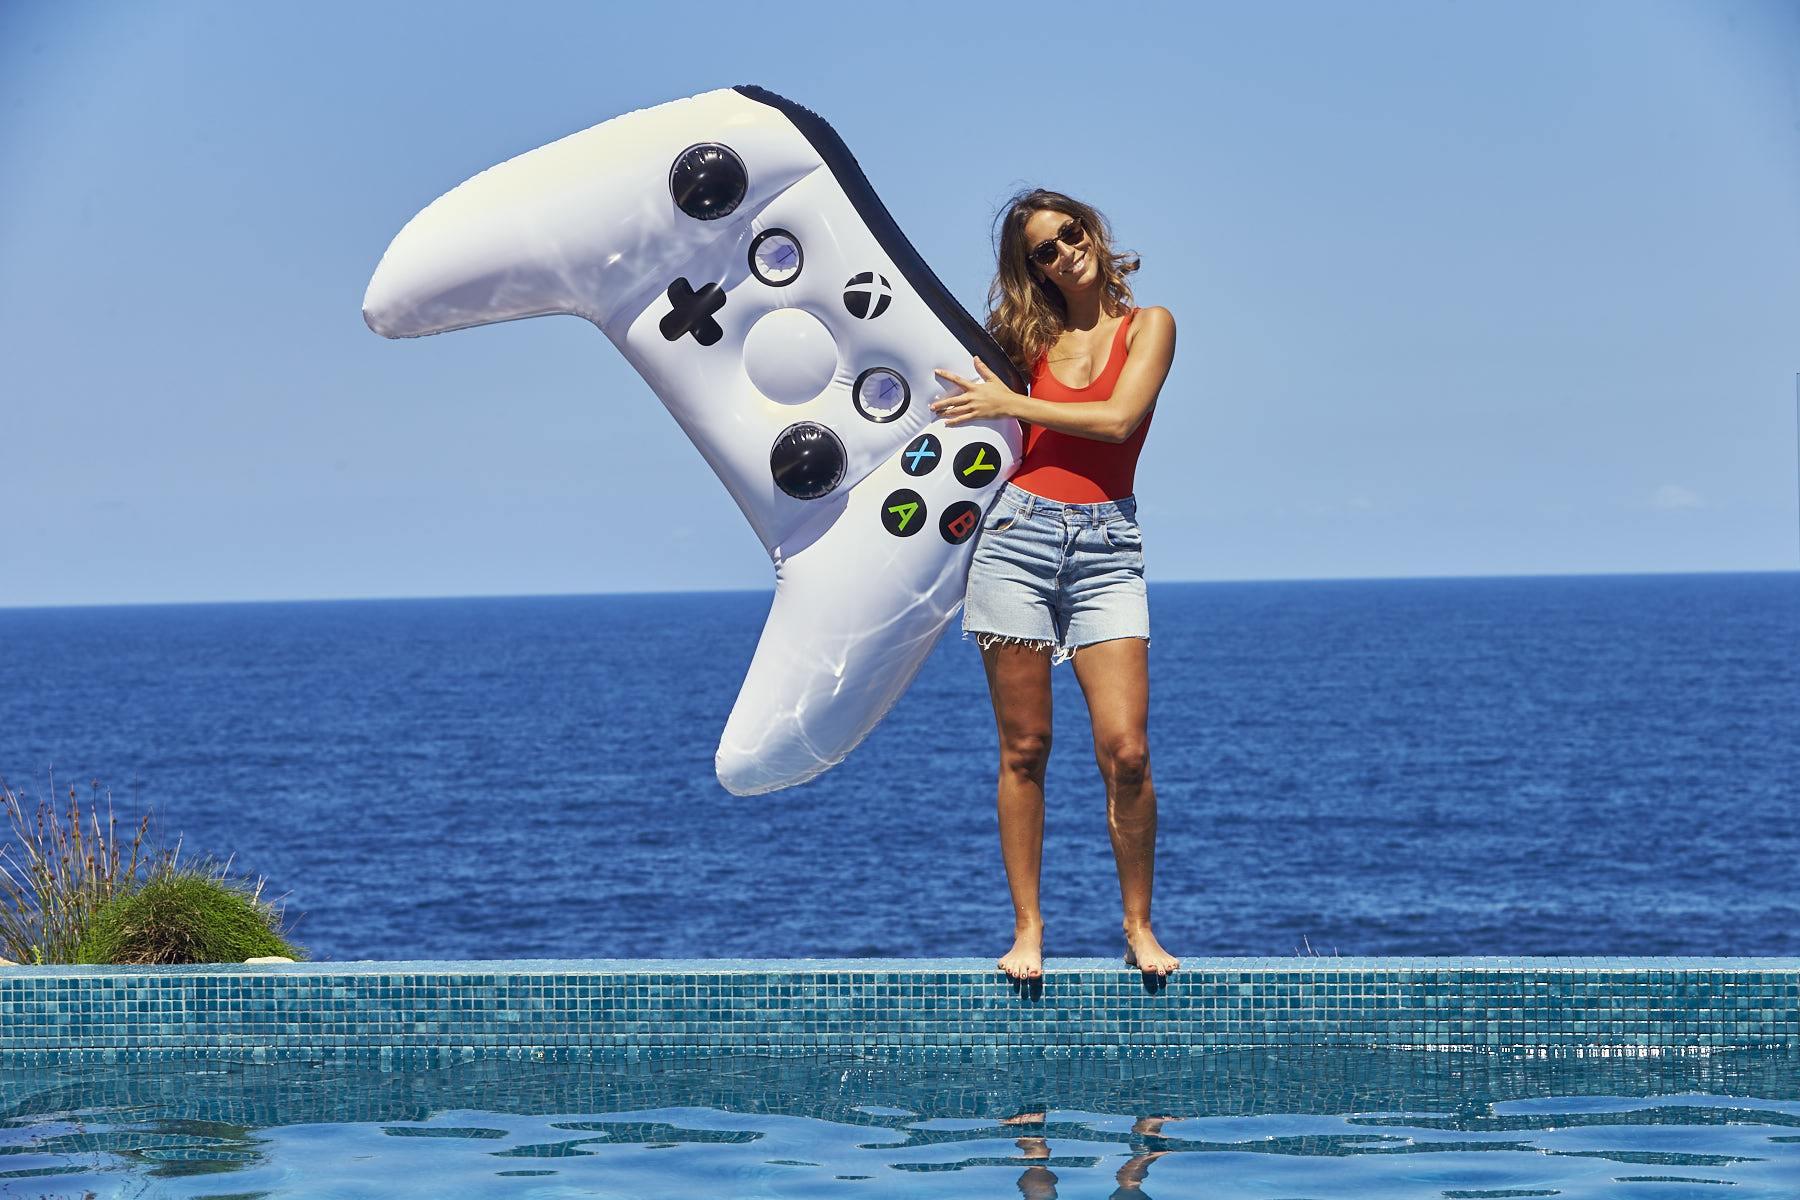 Baden mit dem Xbox One Controller: Riesiges Gamepad zum Aufblasen